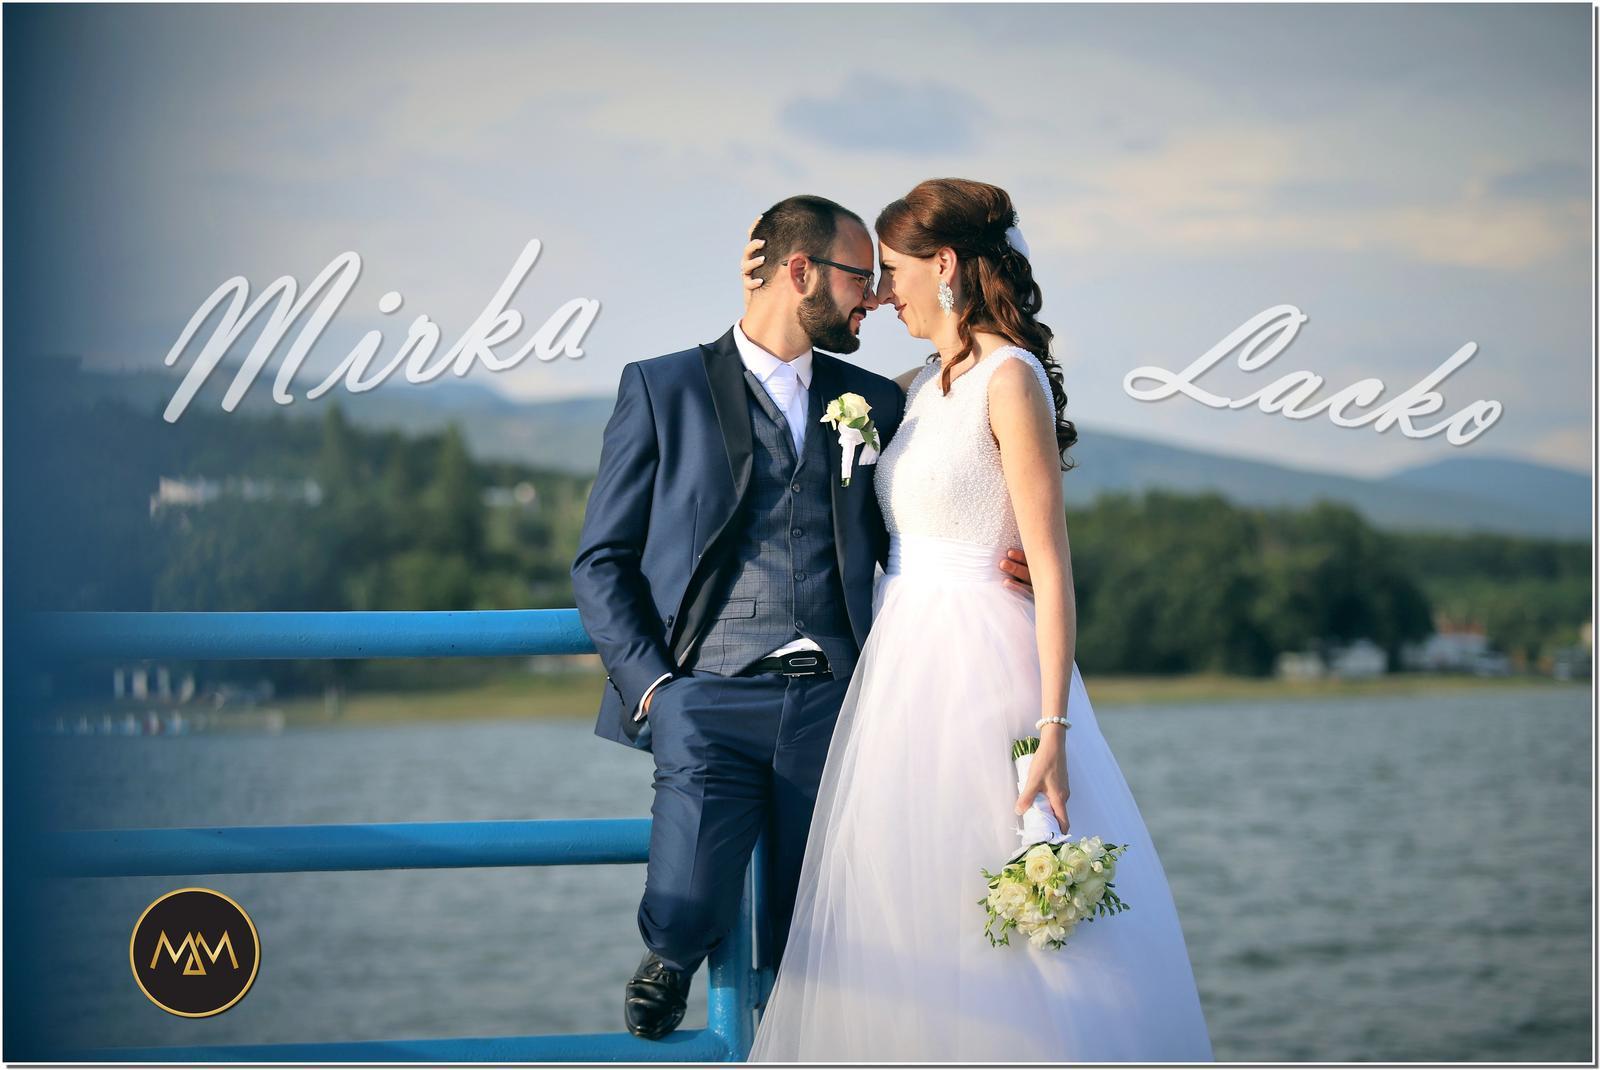 Mirka & Lacko - Obrázok č. 1